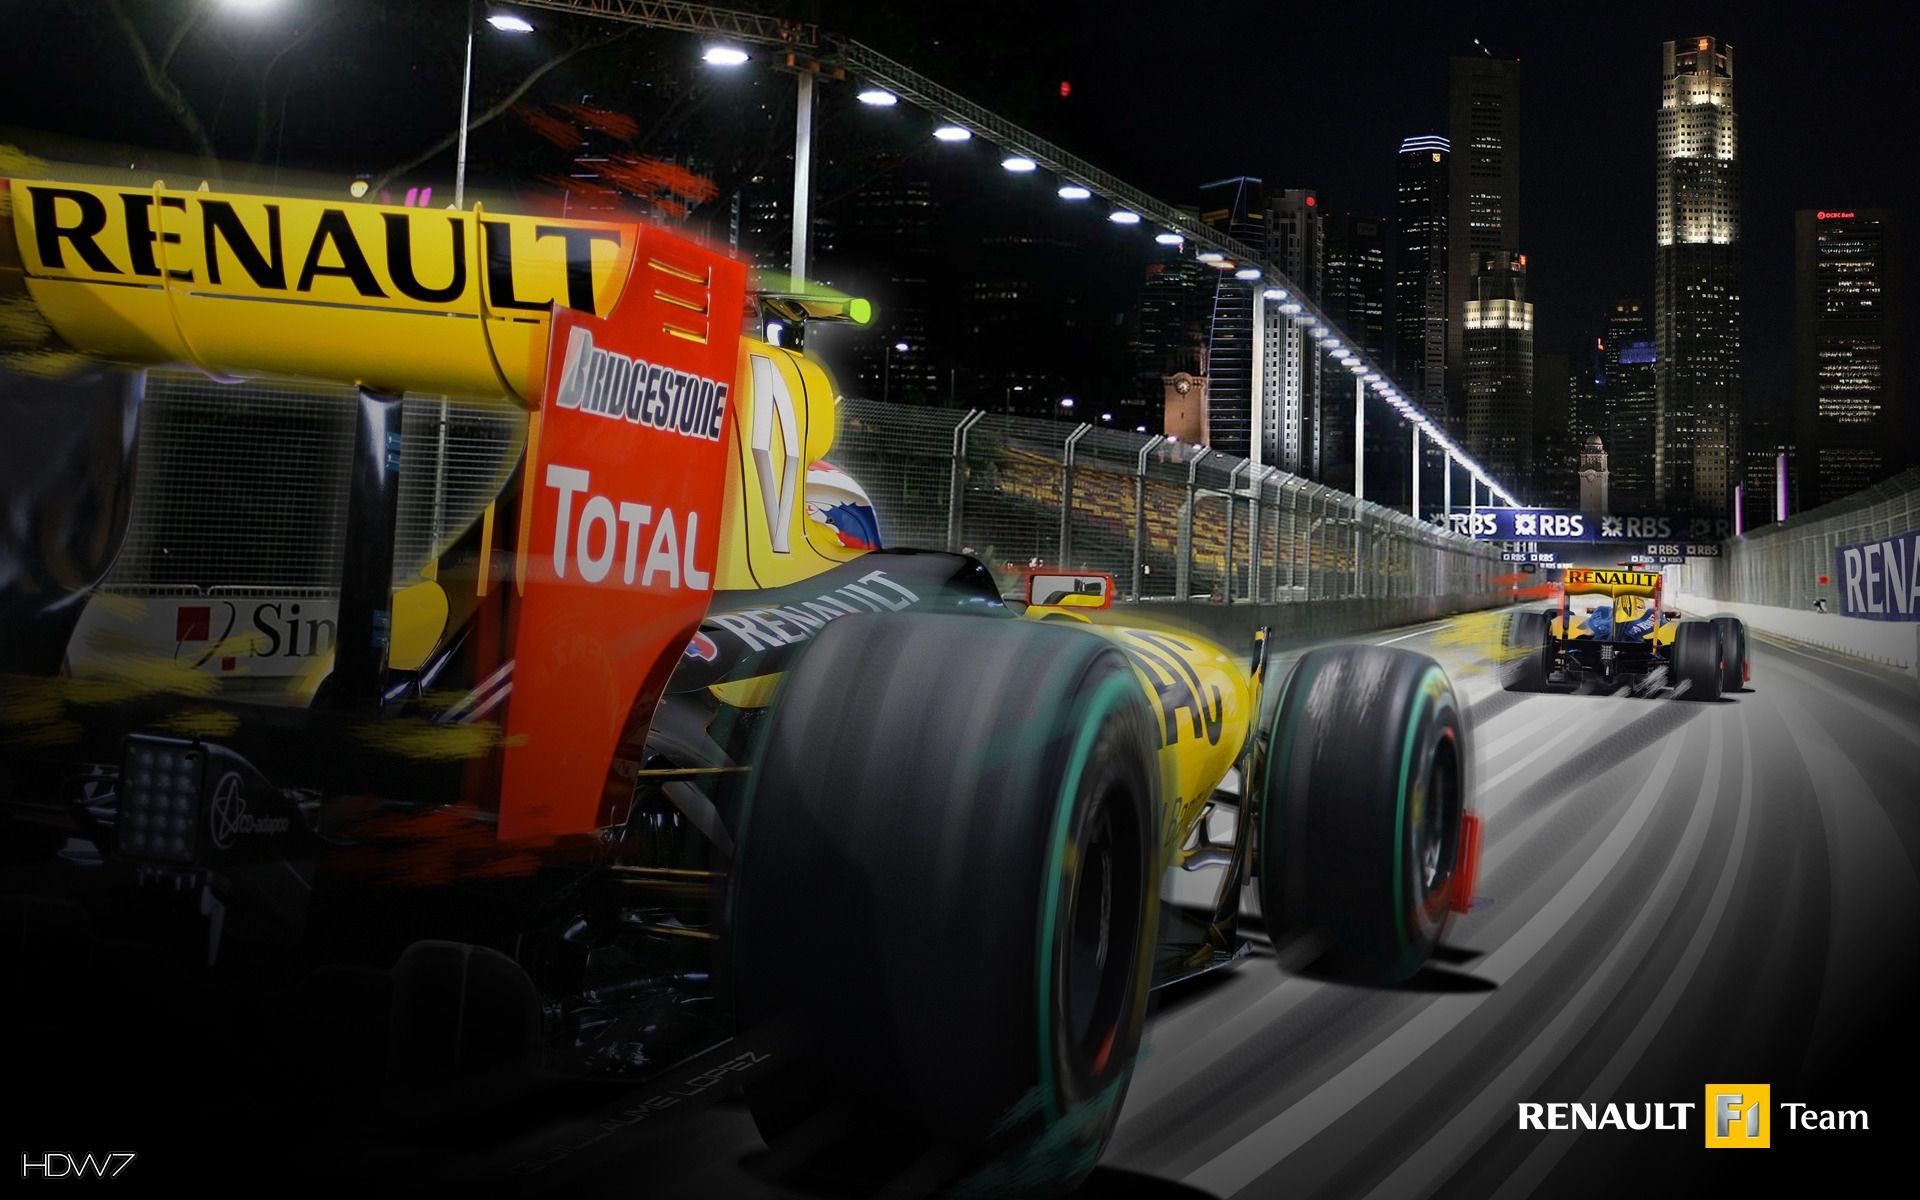 renault formula 1 cars in singapore wallpaper